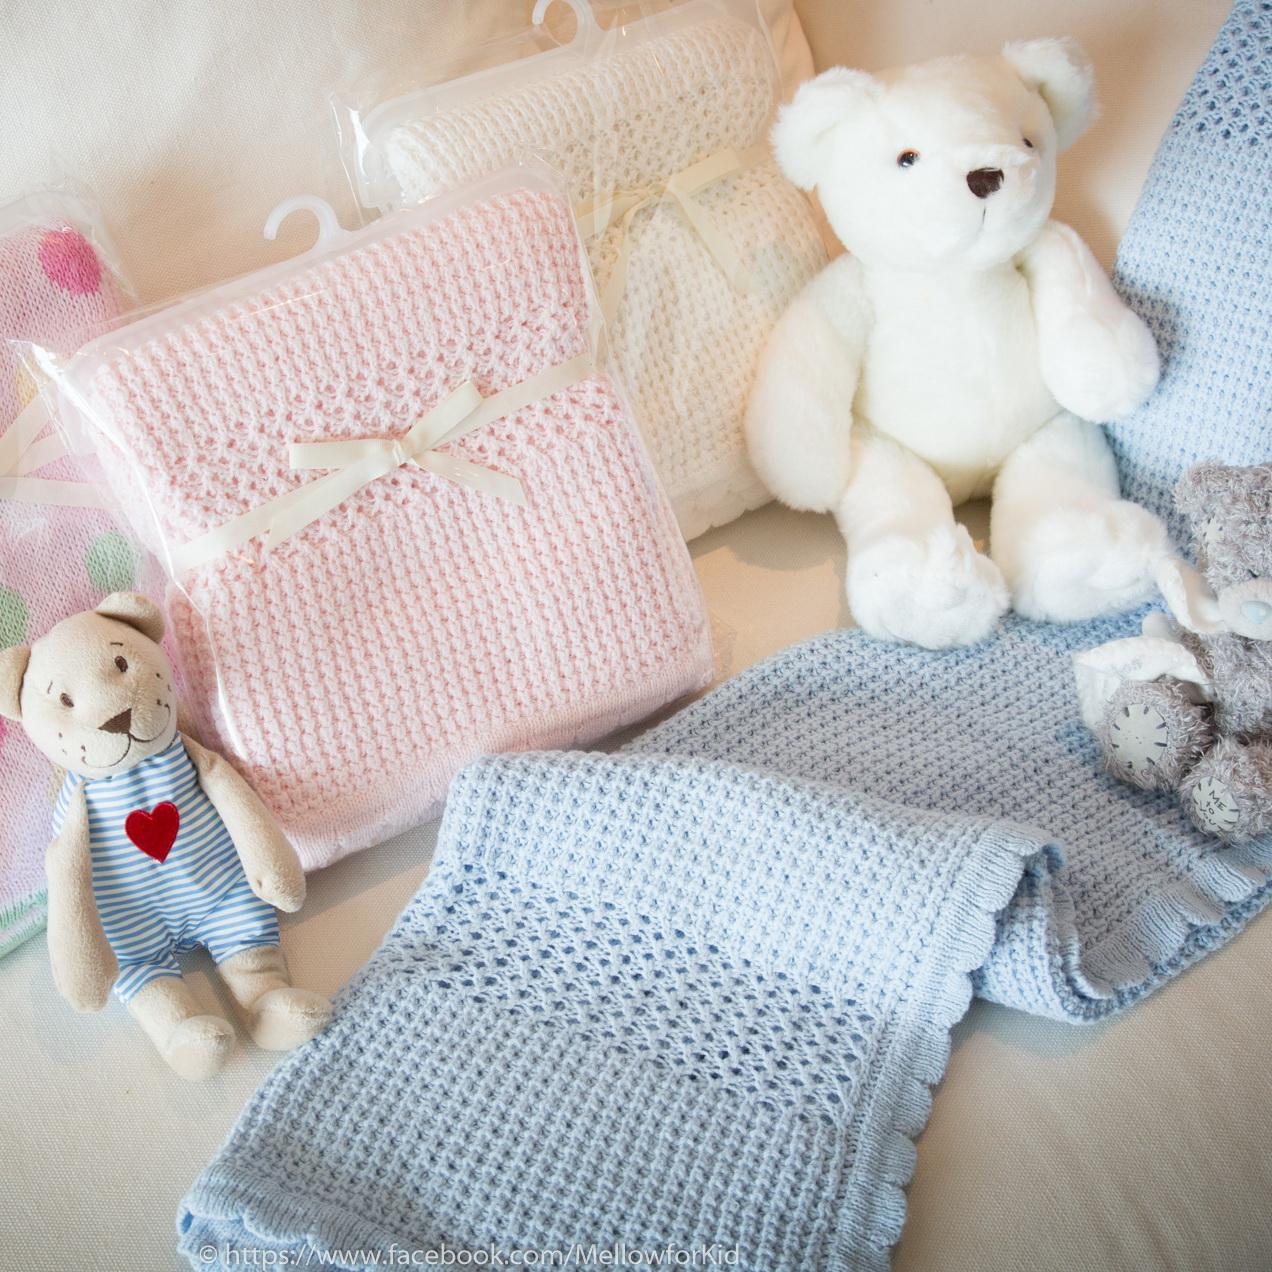 ผ้าห่มไหมพรมสีพื้น สีฟ้า